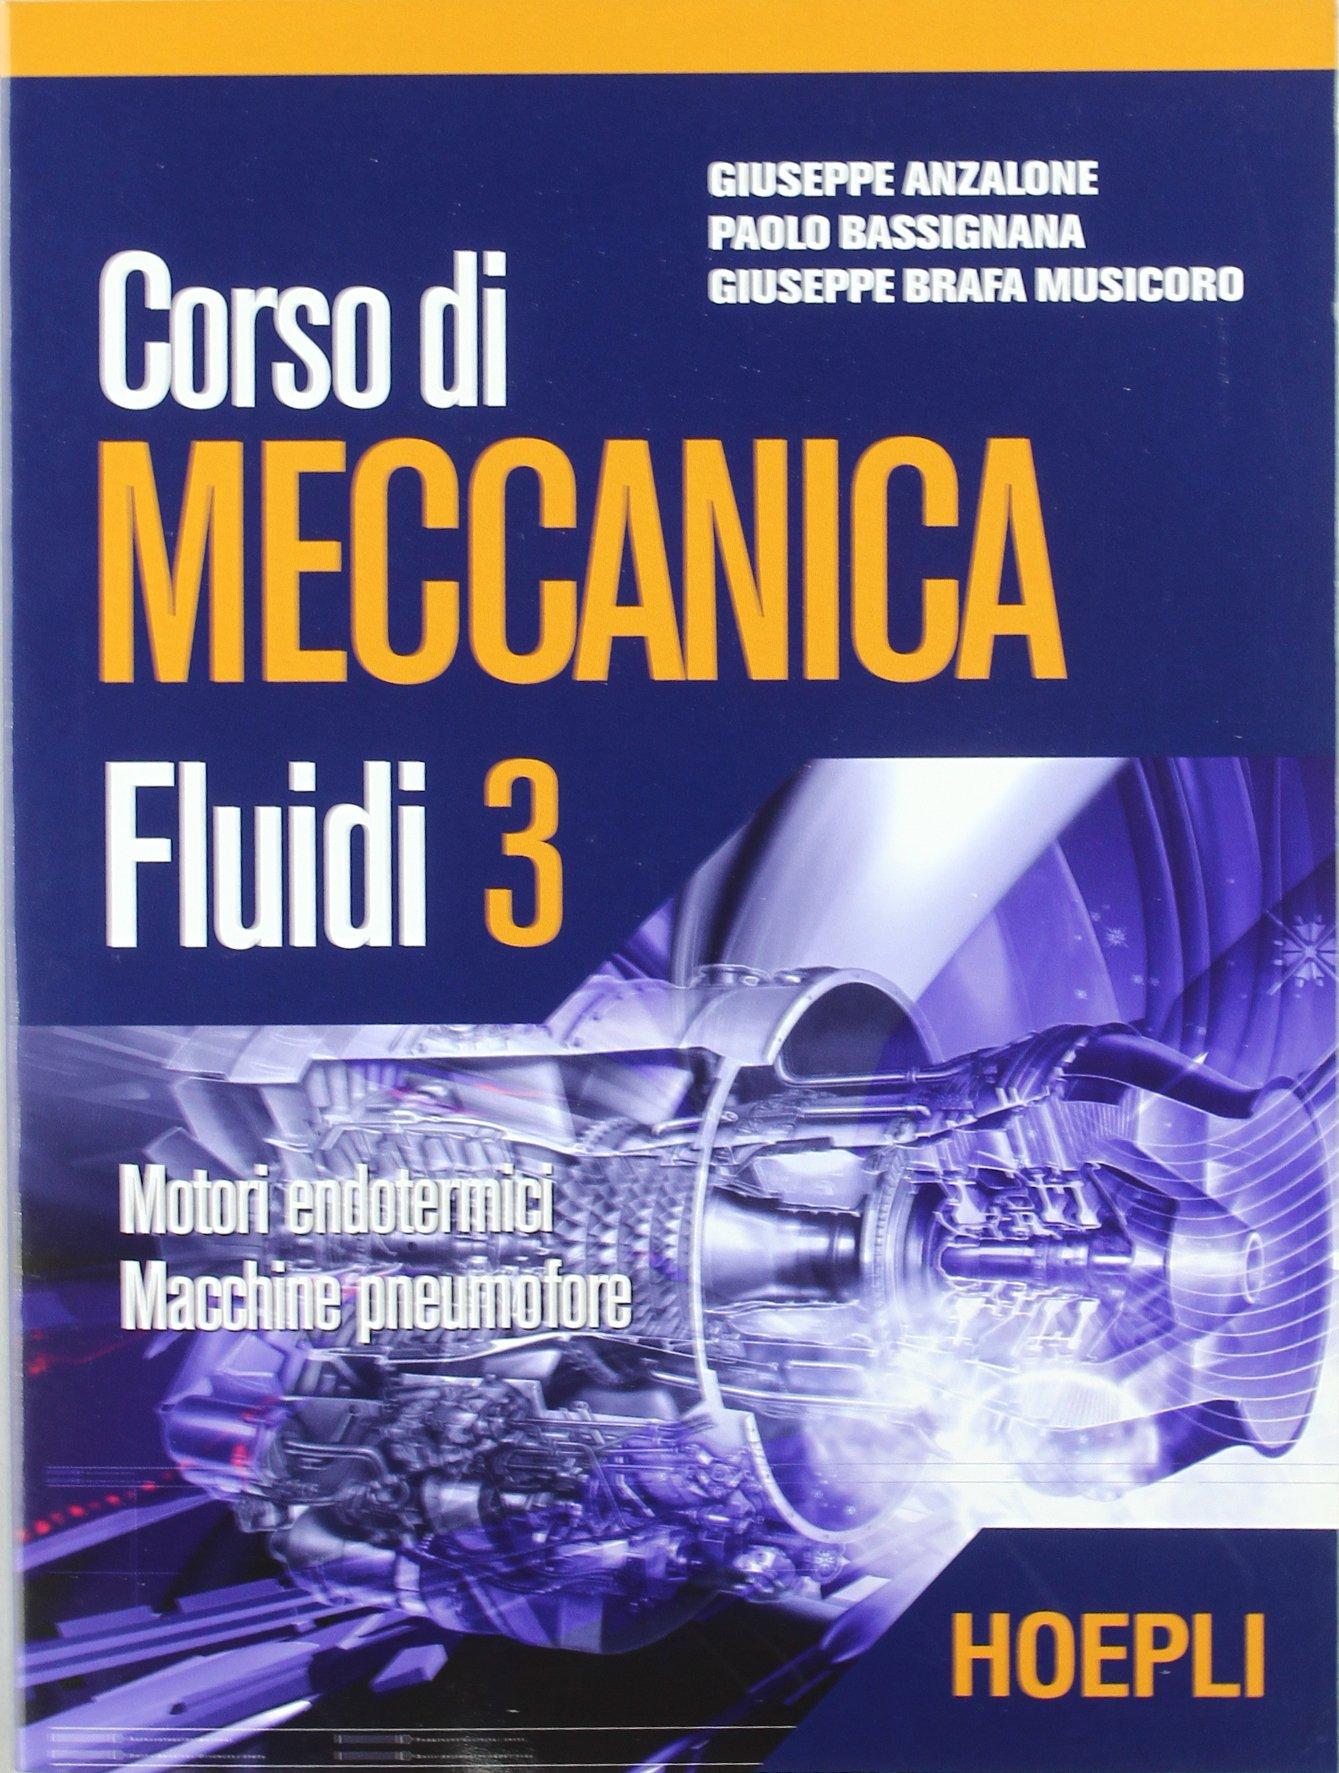 Corso di meccanica. Fluidi: 3 Copertina flessibile – 14 mag 2005 Giuseppe Anzalone Paolo Bassignana Giuseppe Brafa Musicoro Hoepli